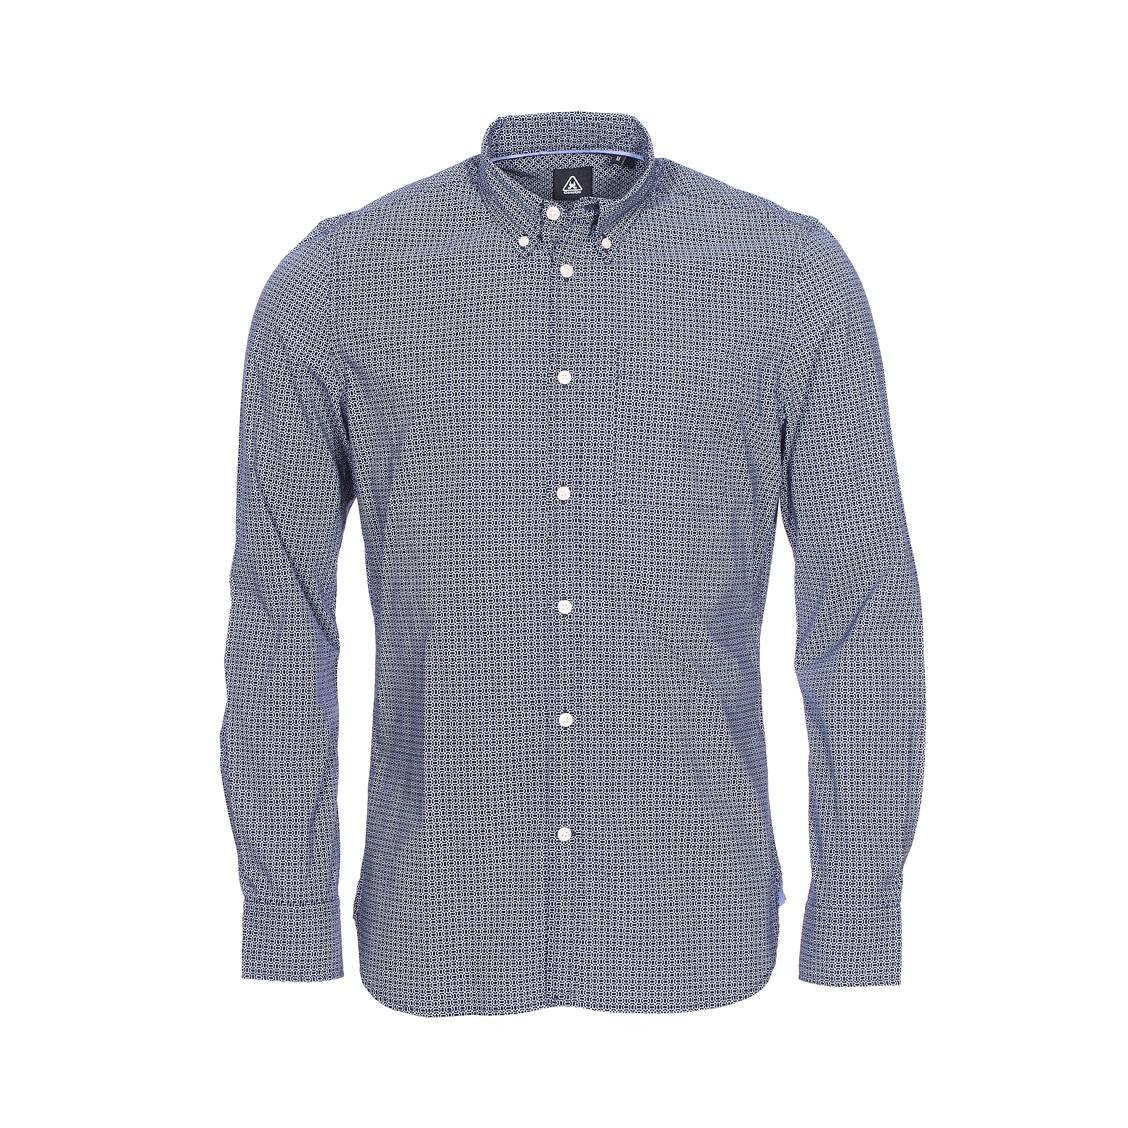 Chemise droite Gaastra en coton bleu marine à motifs blancs